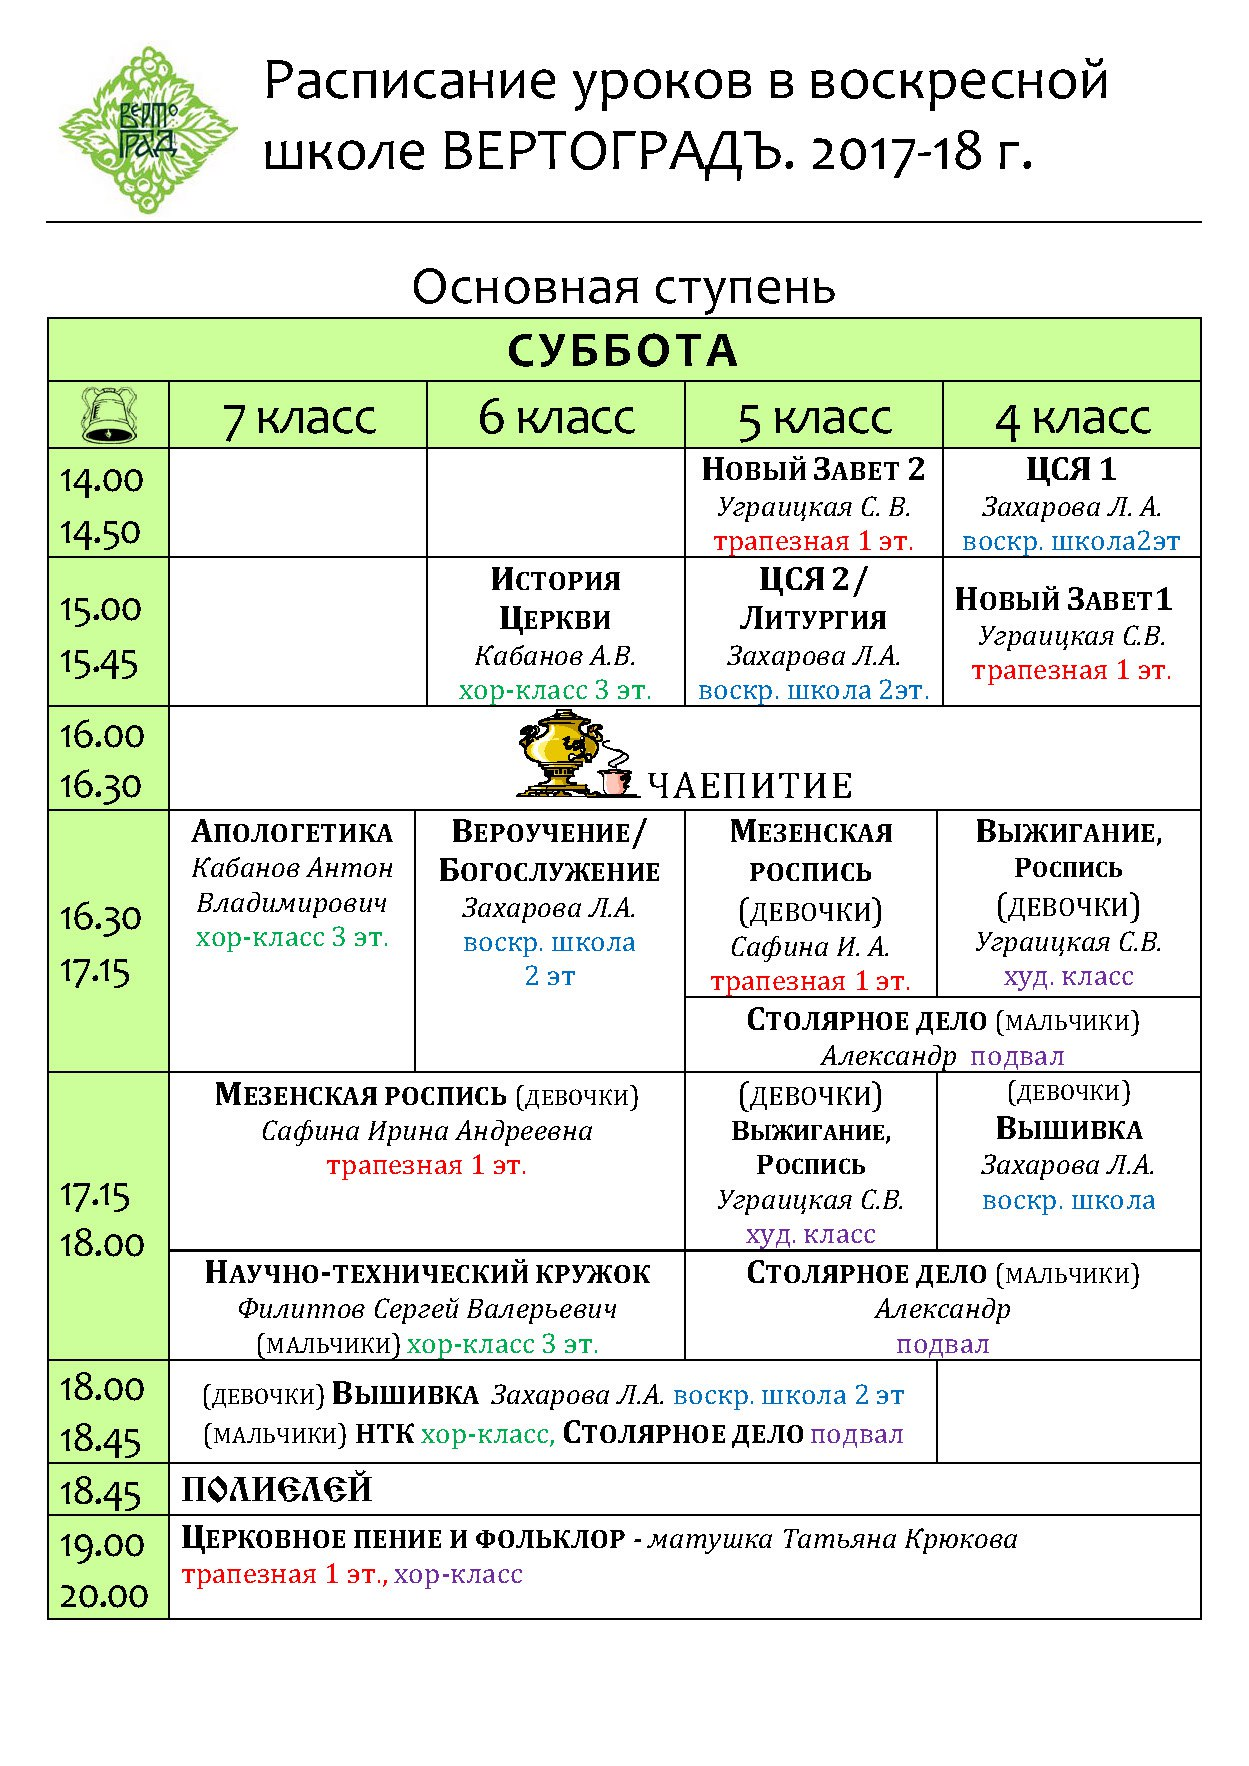 Расписание уроков в старших классах воскресной школы